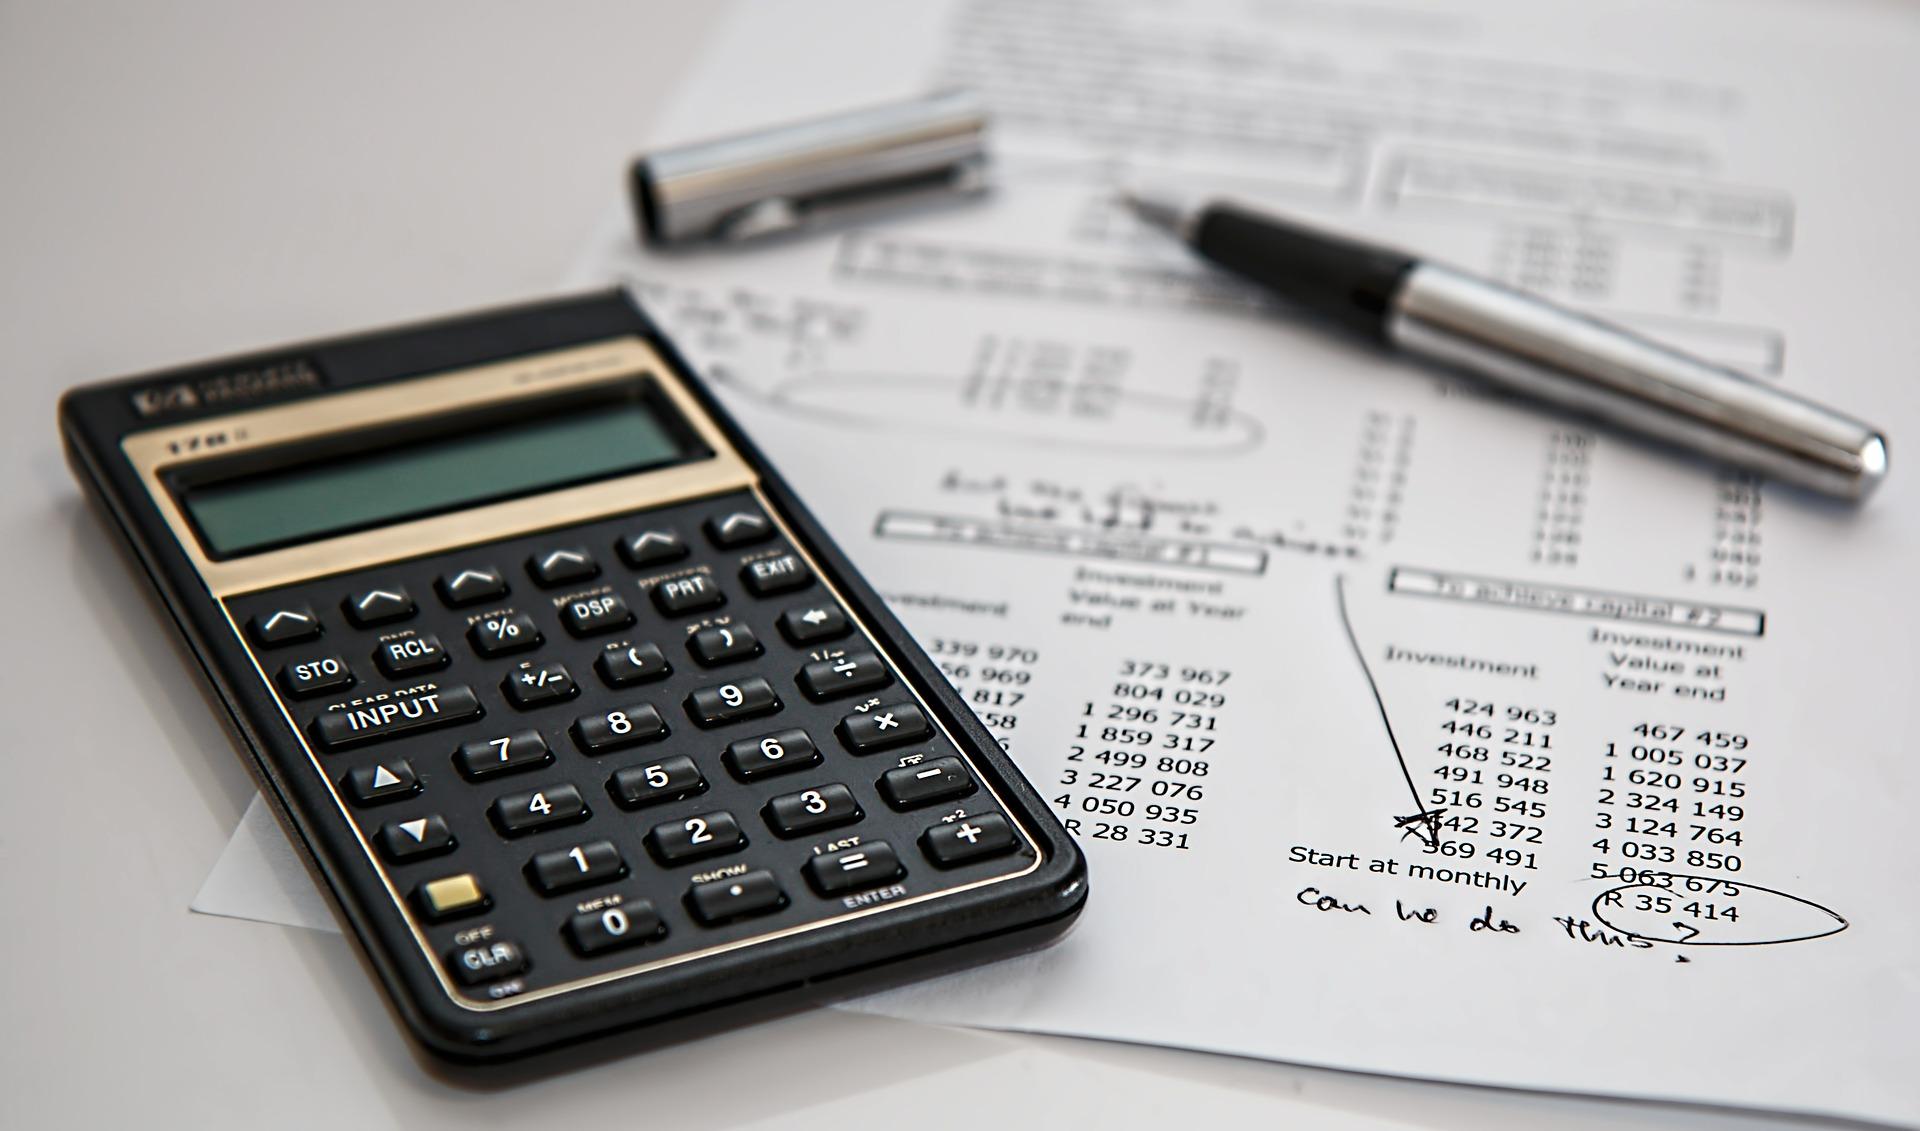 Beregn skat udregning lommeregner matematik